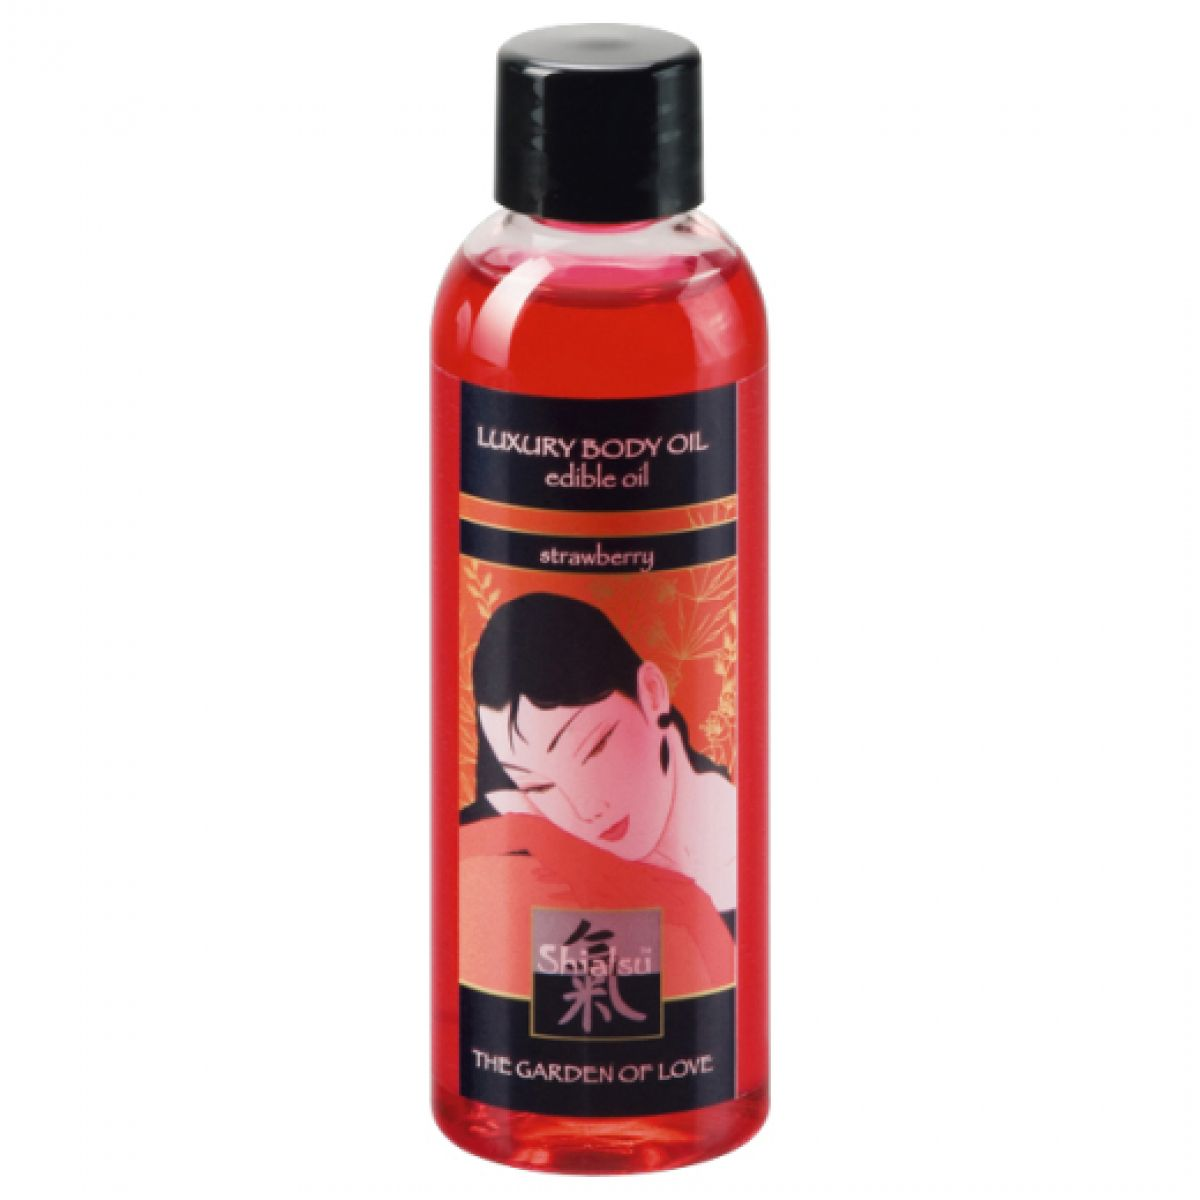 Съедобное масло для тела с ароматом Клубники 100 мл Shiatsu